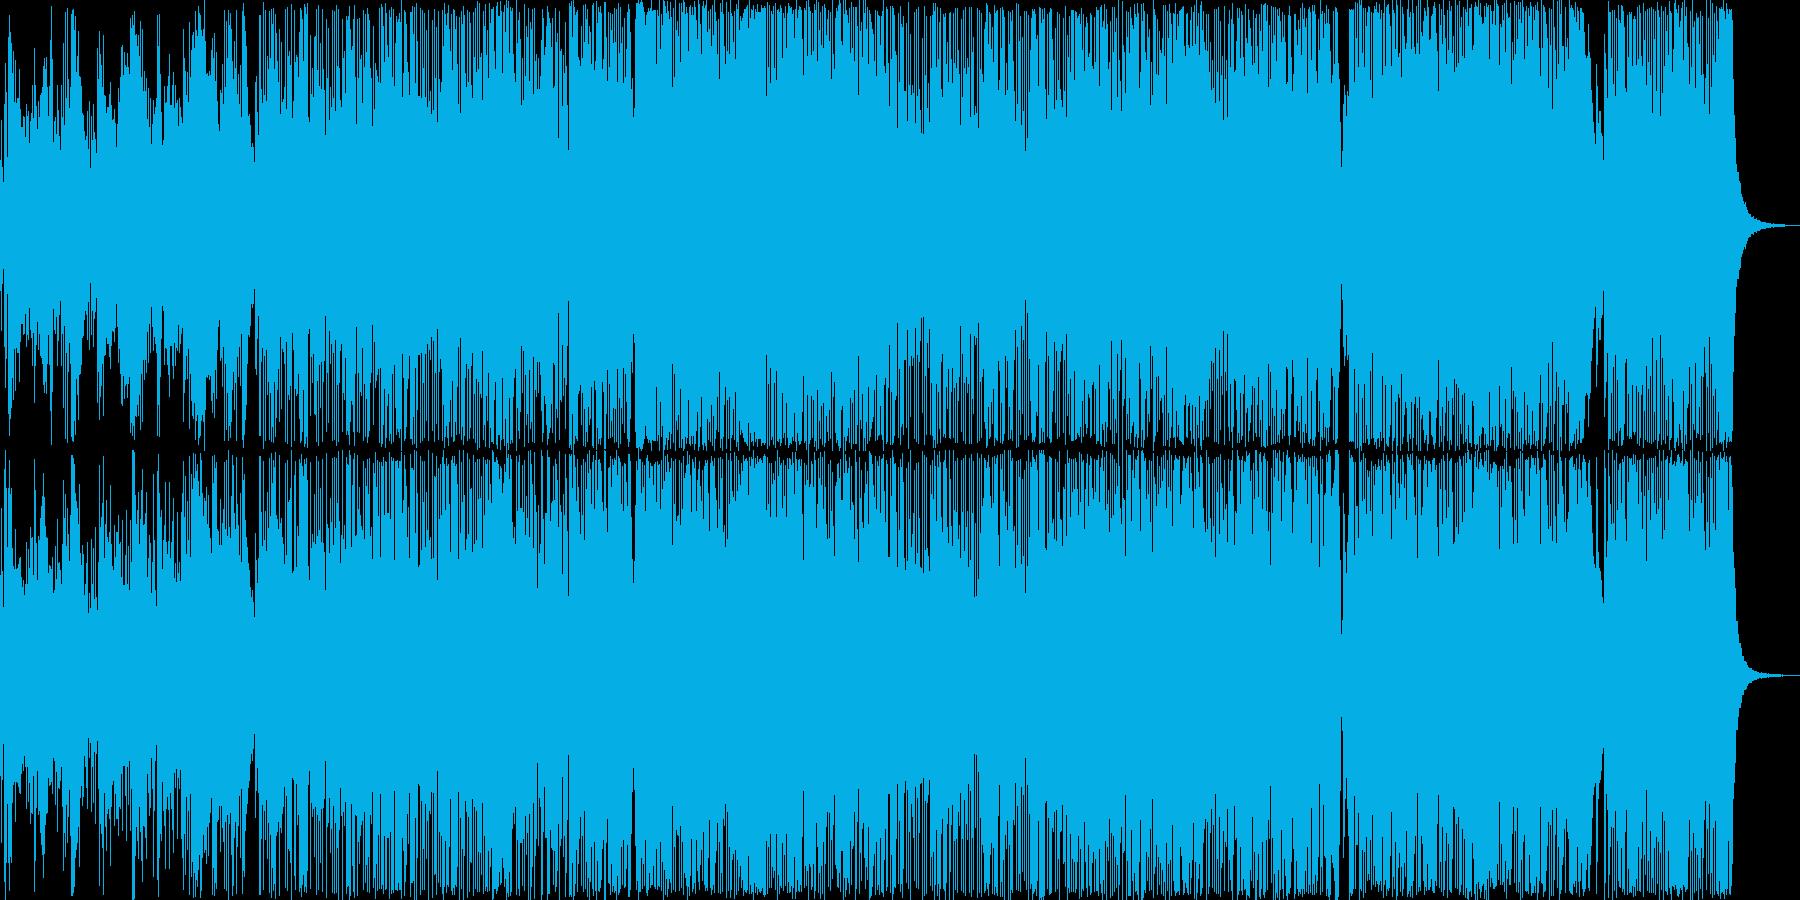 初夏の海岸線〜軽快で明るいピアノ曲の再生済みの波形